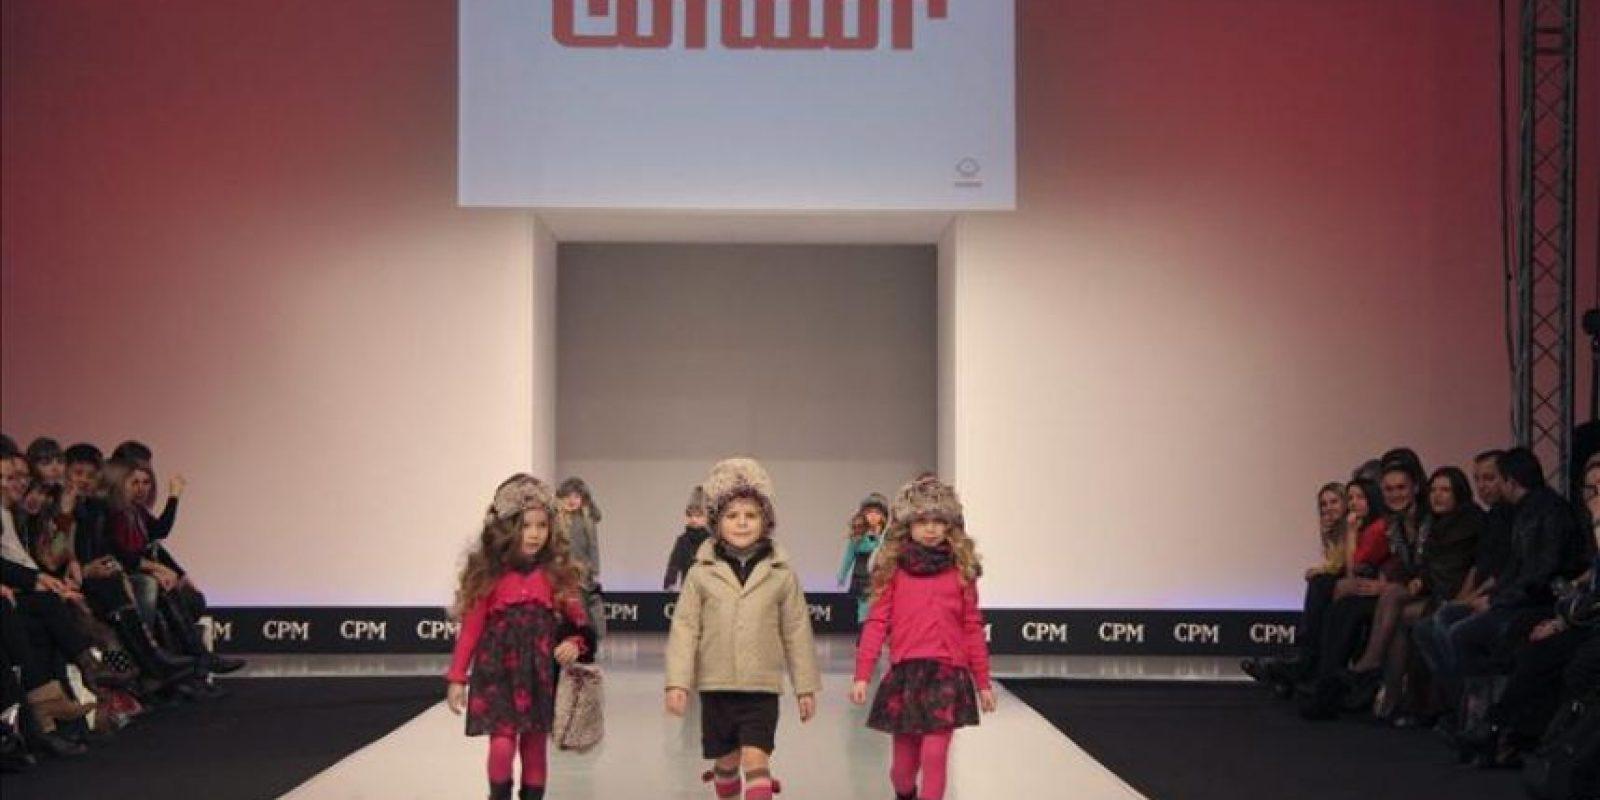 """La marca española de moda infantil """"Condorl"""" ha presentado hoy en la 18 edición de la feria internacional Collection Première Moscow (CPM) sus nuevas propuestas para la temporada Otoño-Invierno 2012-13. EFE"""